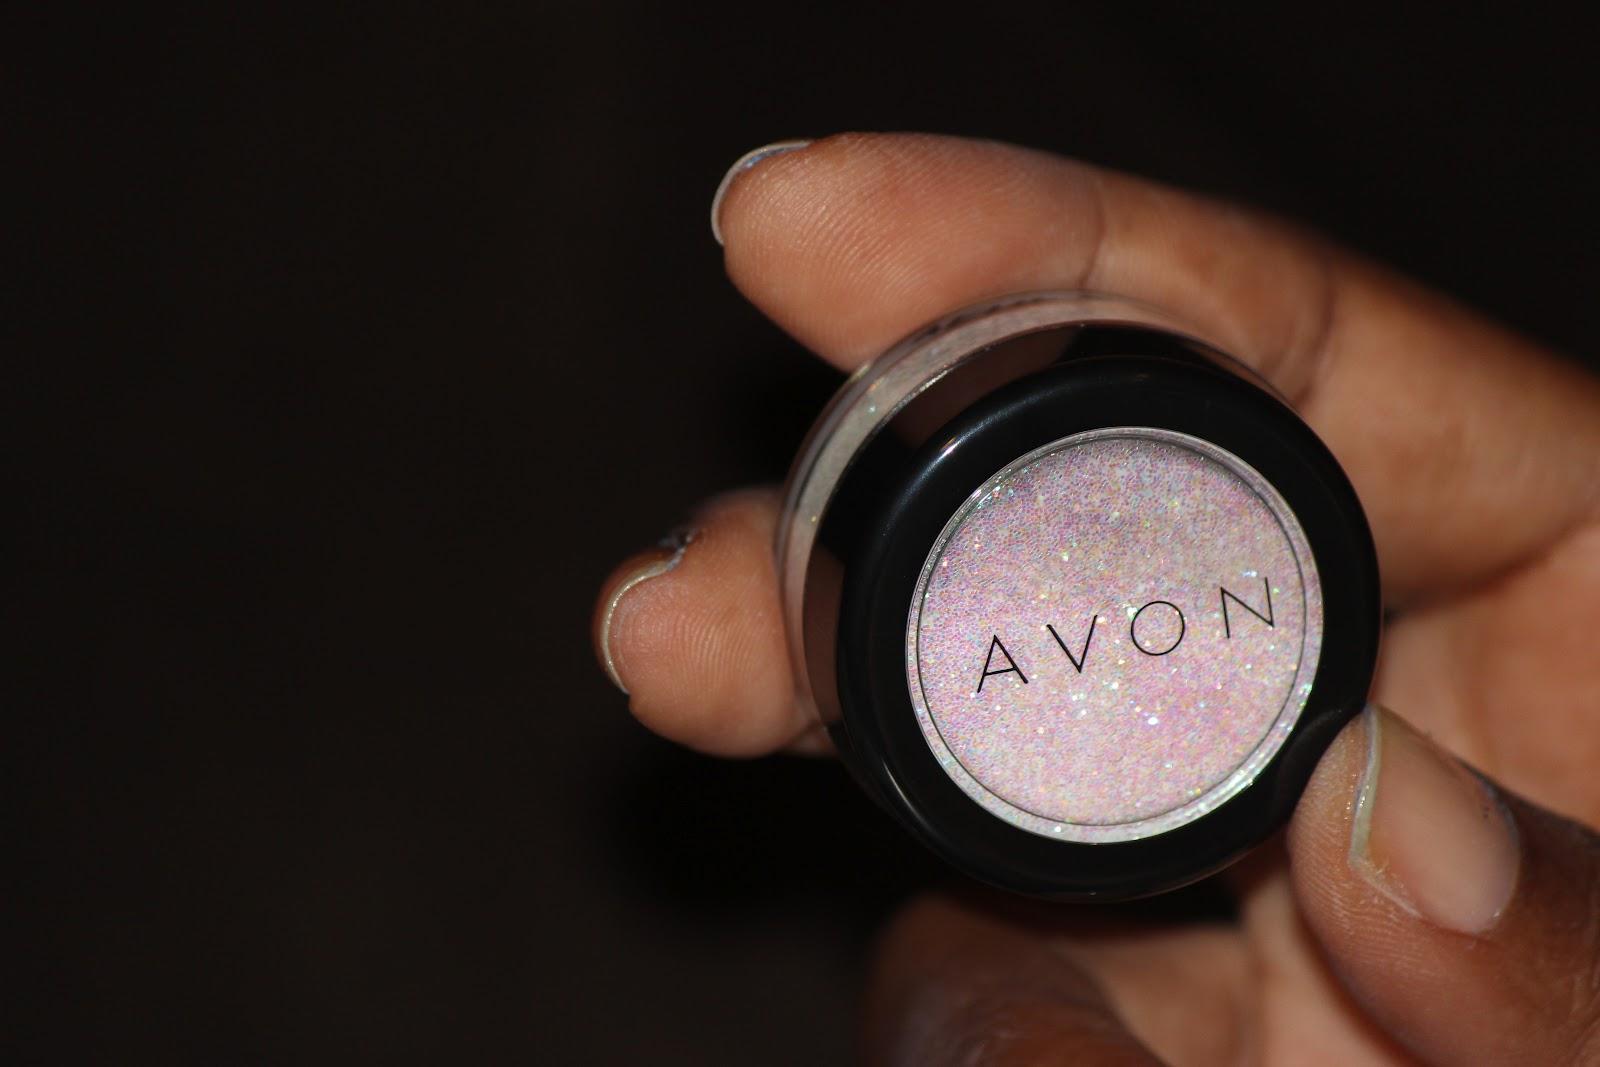 Avon Nail Glitter Tutorial | FASHIONTOLIVE